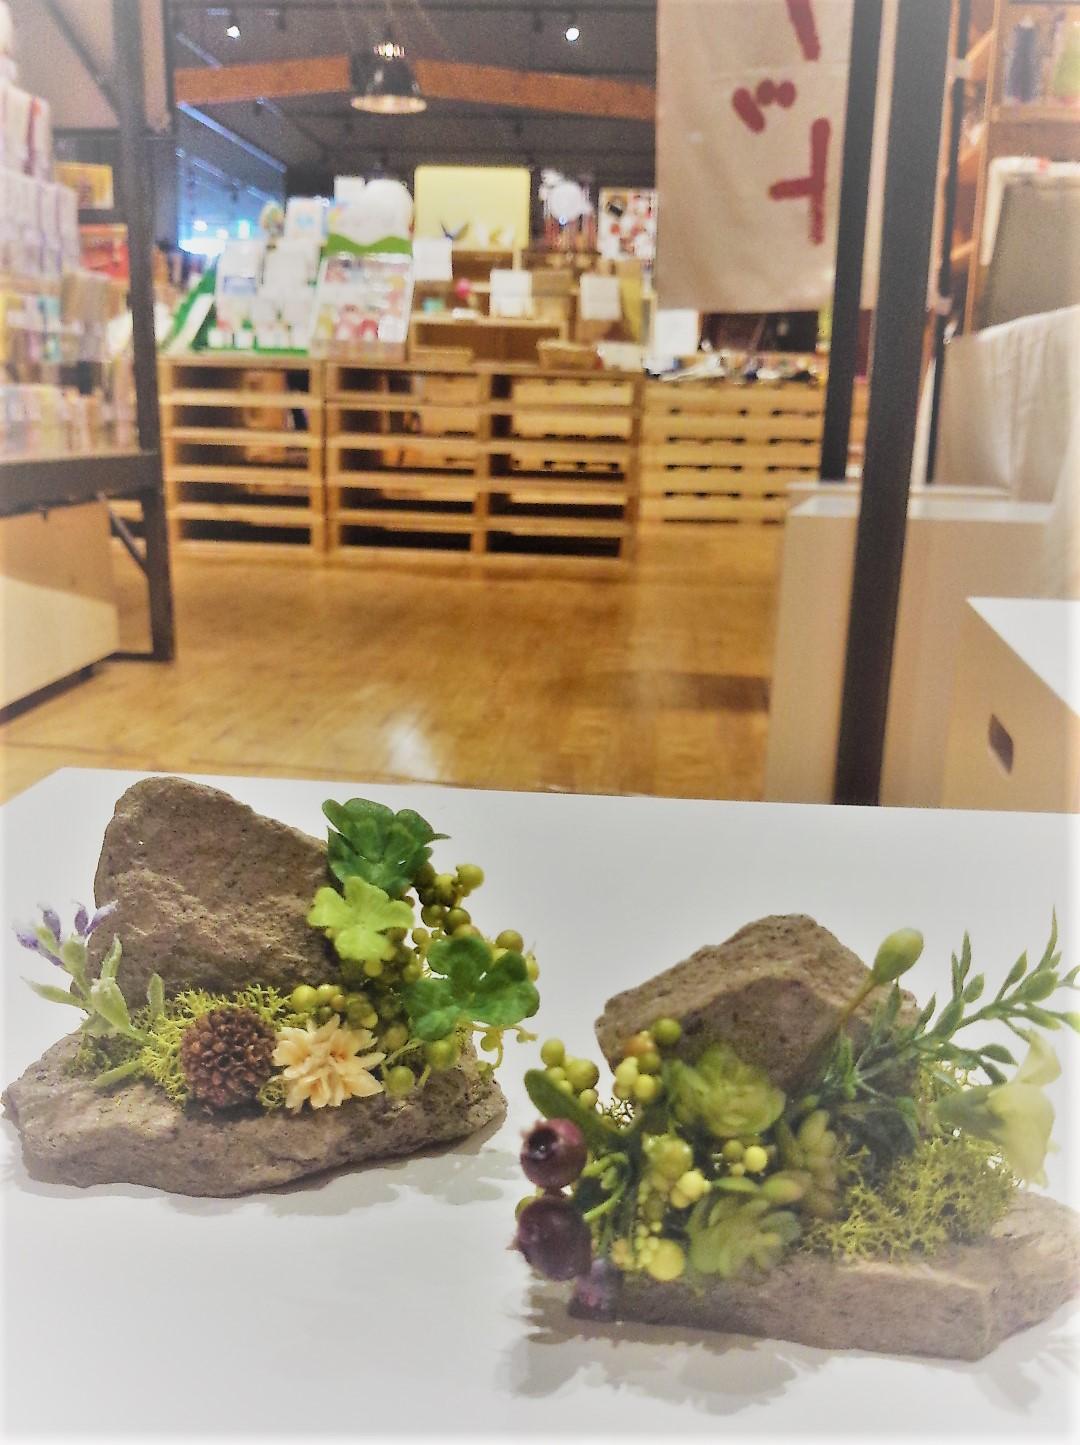 札幌軟石のミニフェイクグリーンアレンジ ワークショップ